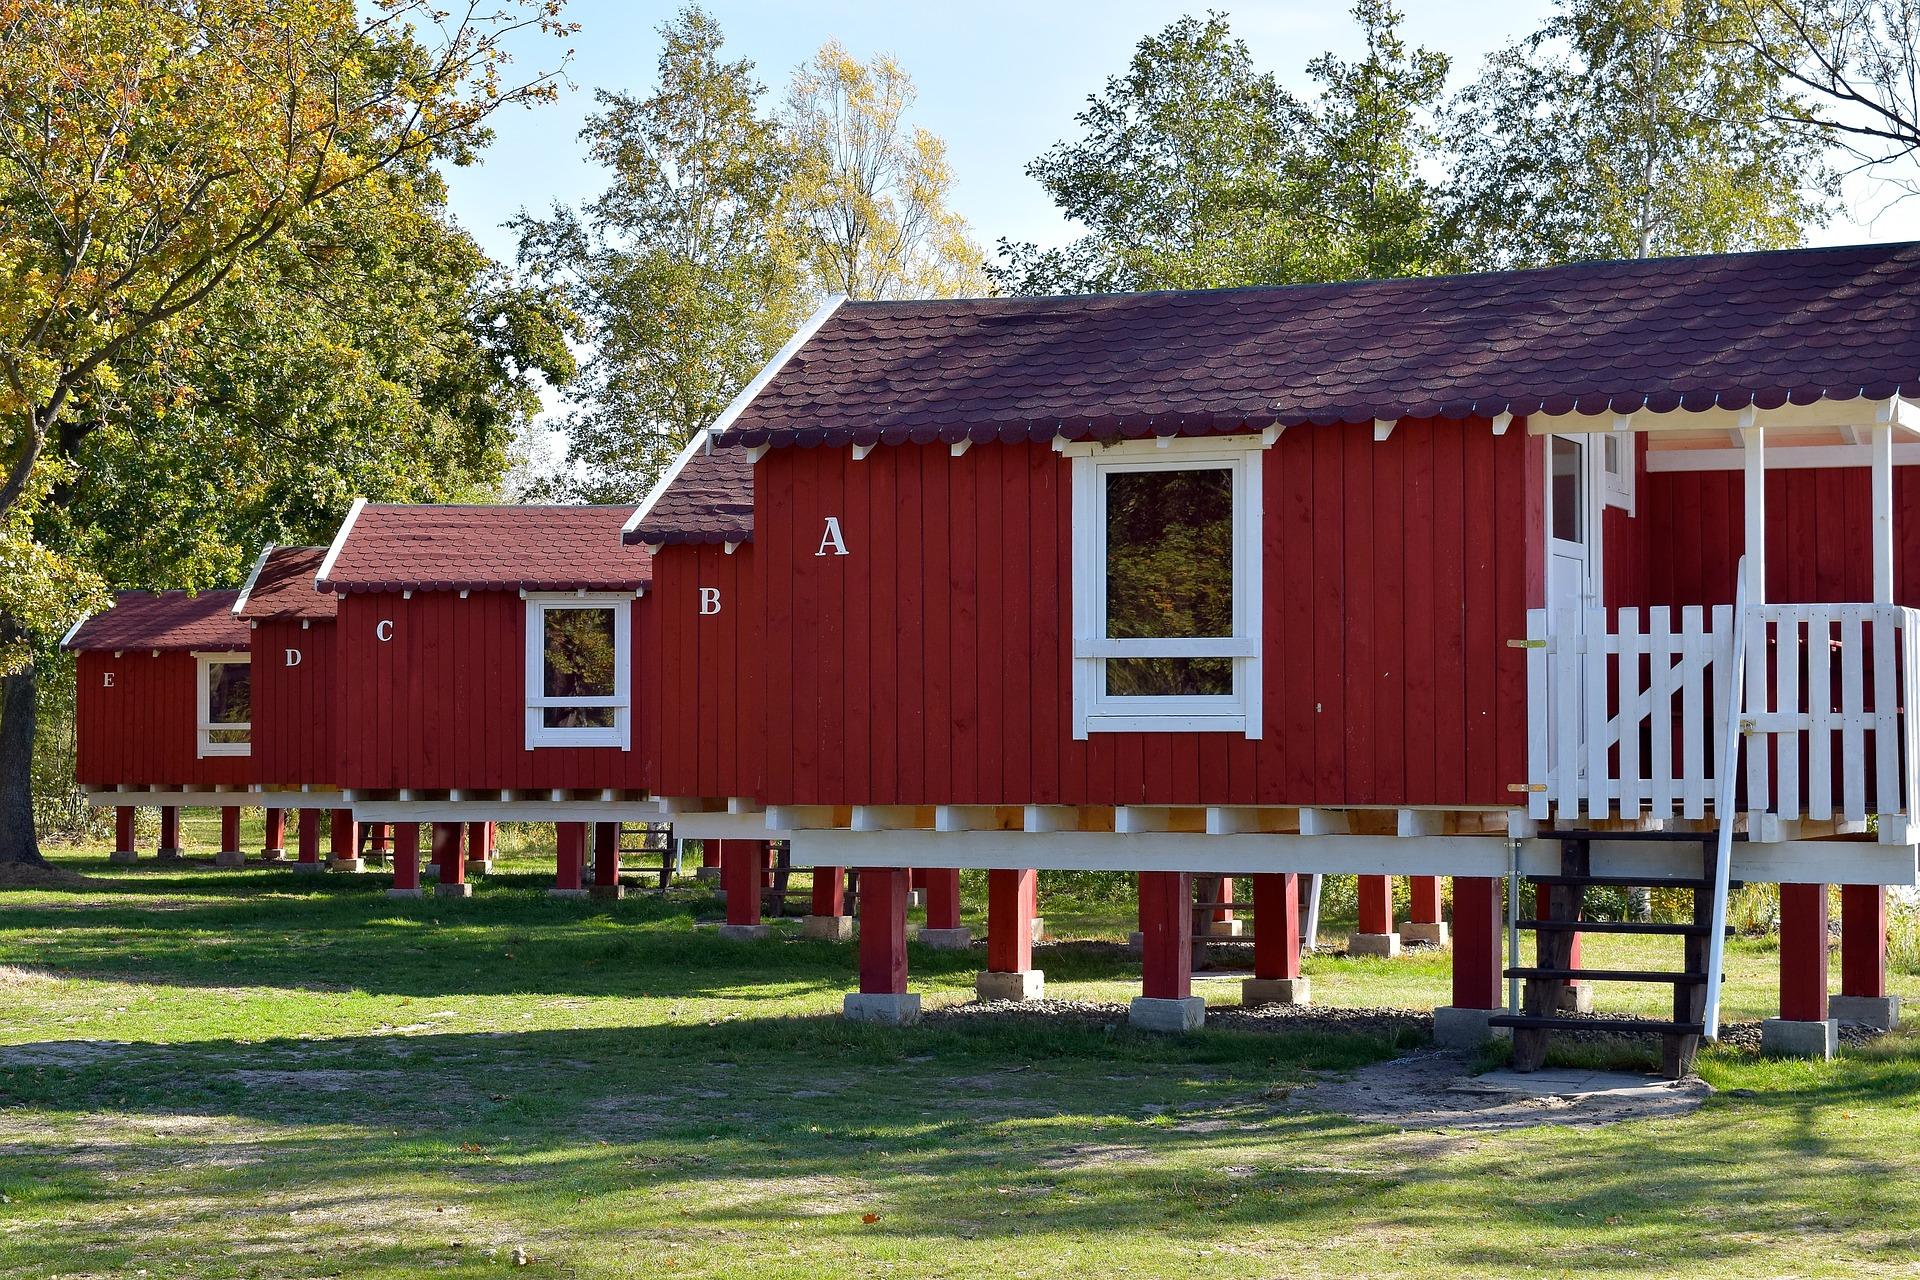 Gartenhaus Auf Stelzen Entspannung In Luftiger Höhe